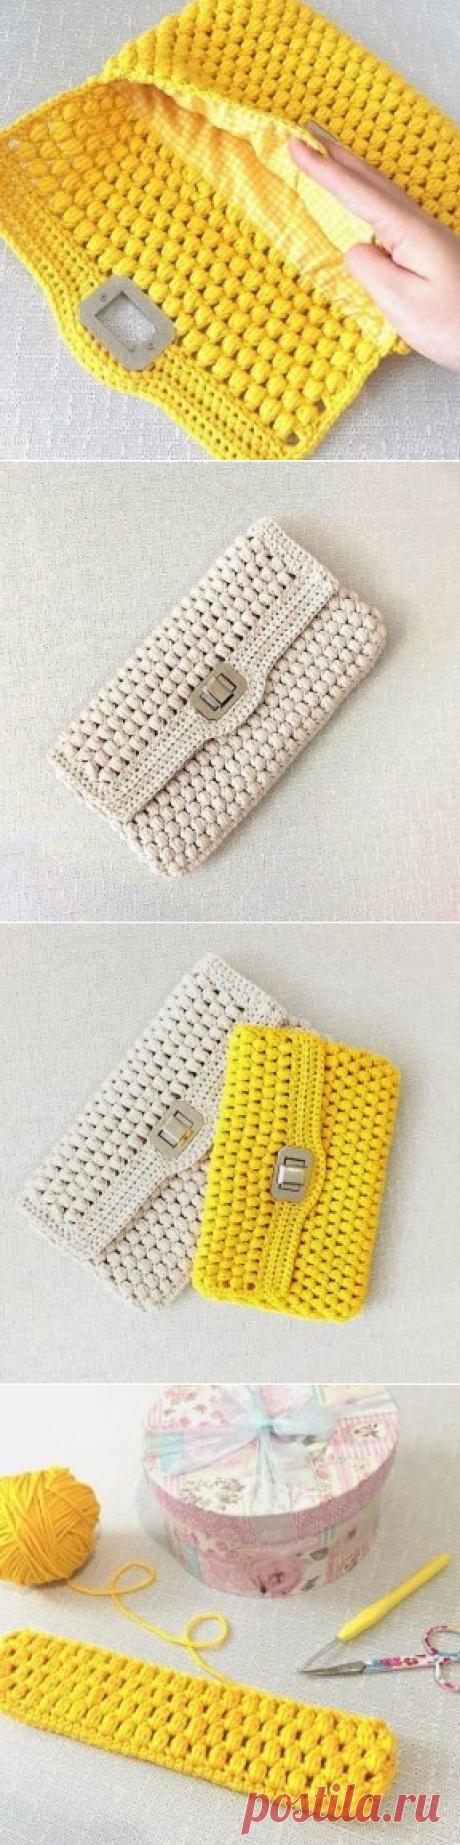 Вязаные сумочки всегда в моде